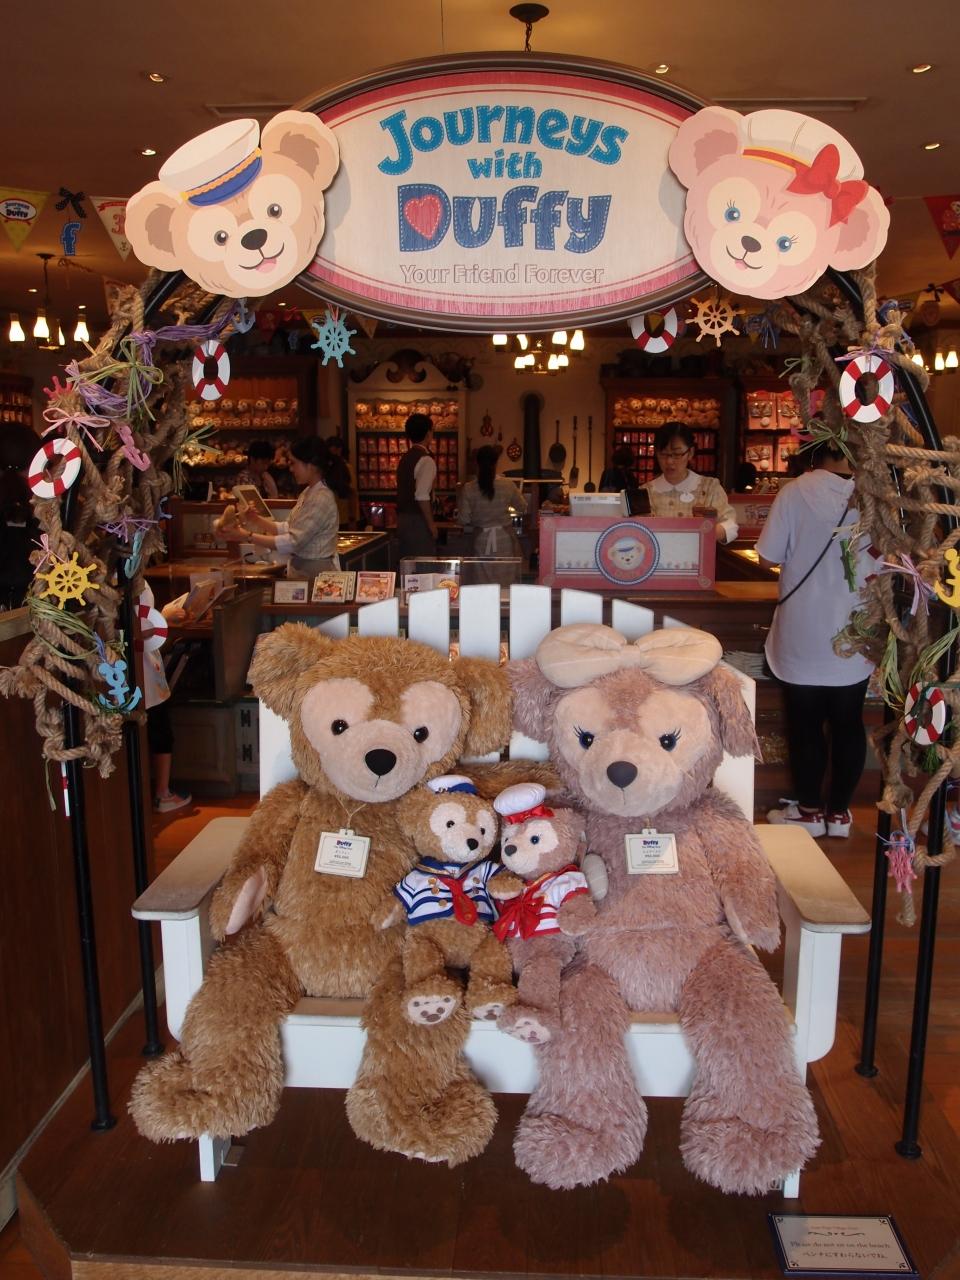 ☆子連れディズニーの旅 in 2015夏祭り☆』東京ディズニーリゾート